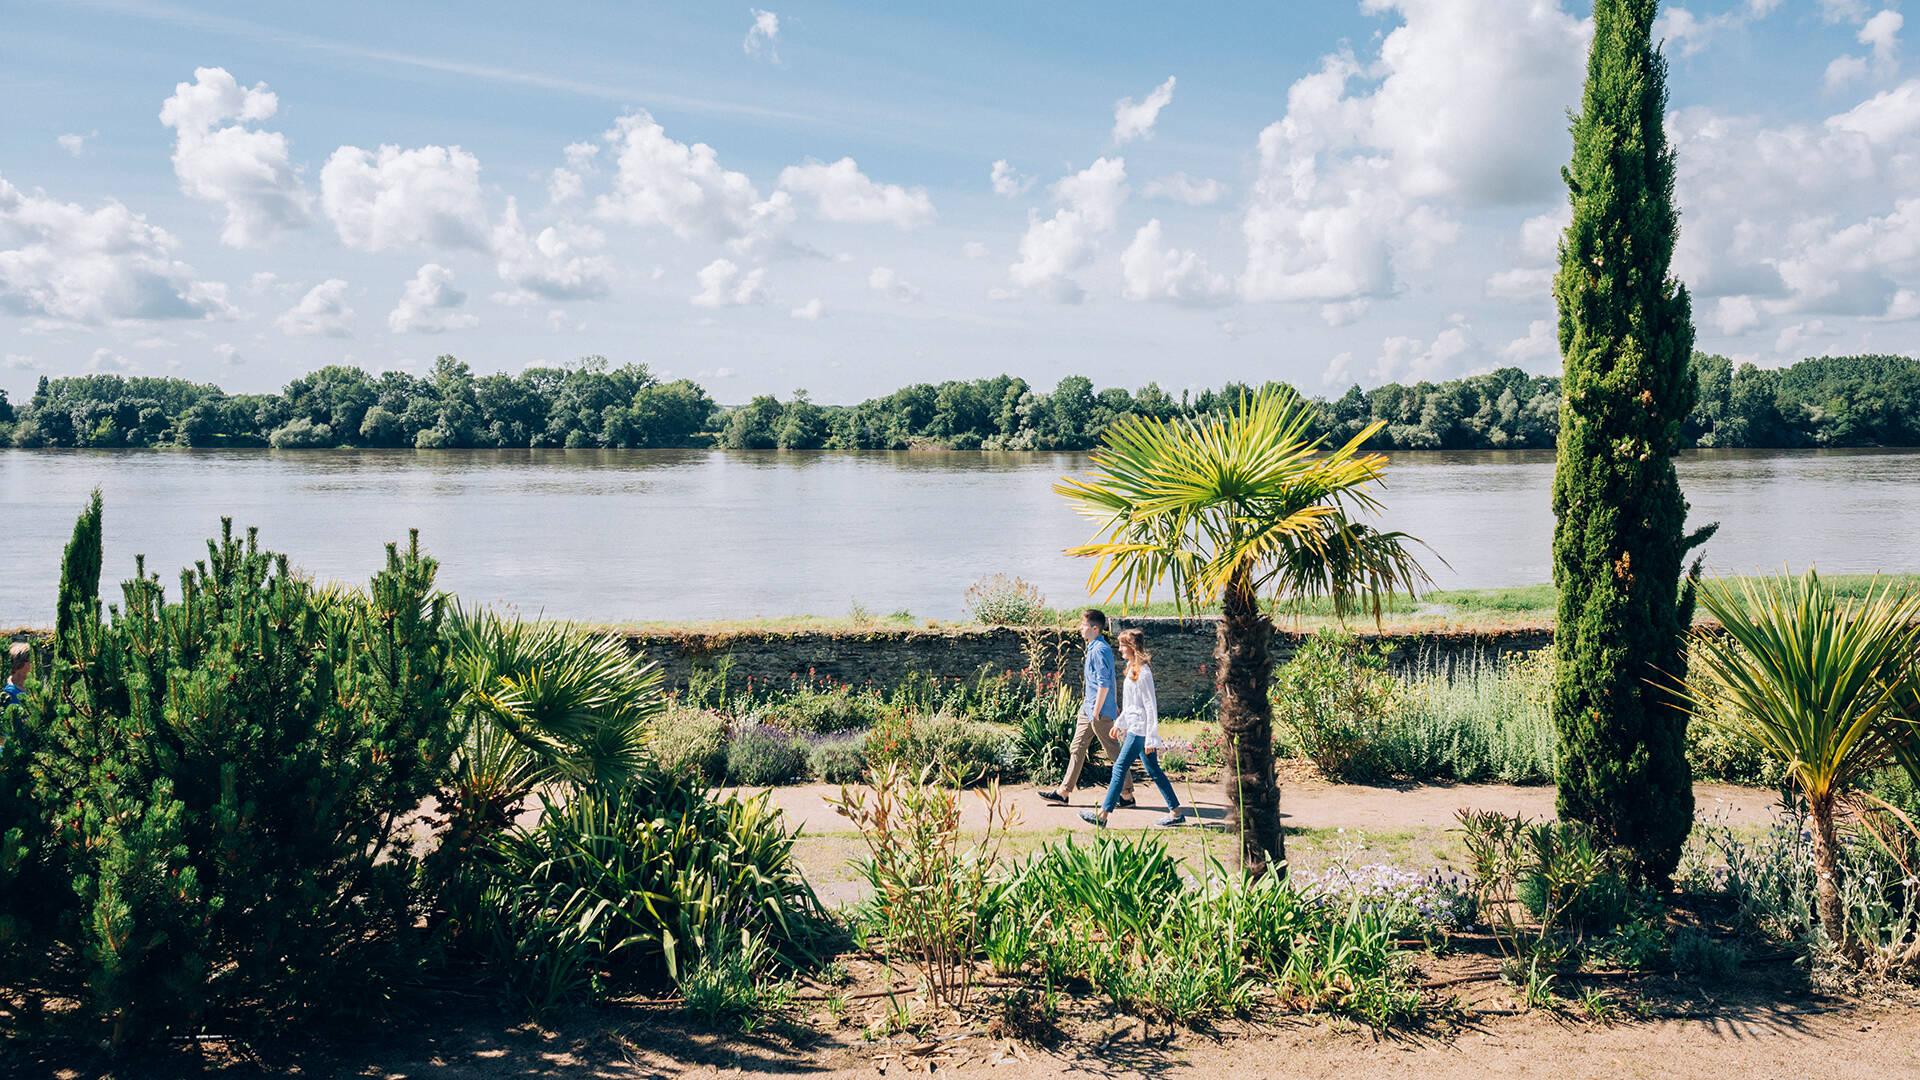 Promenade d'un couple à Sainte-Gemmes sur Loire